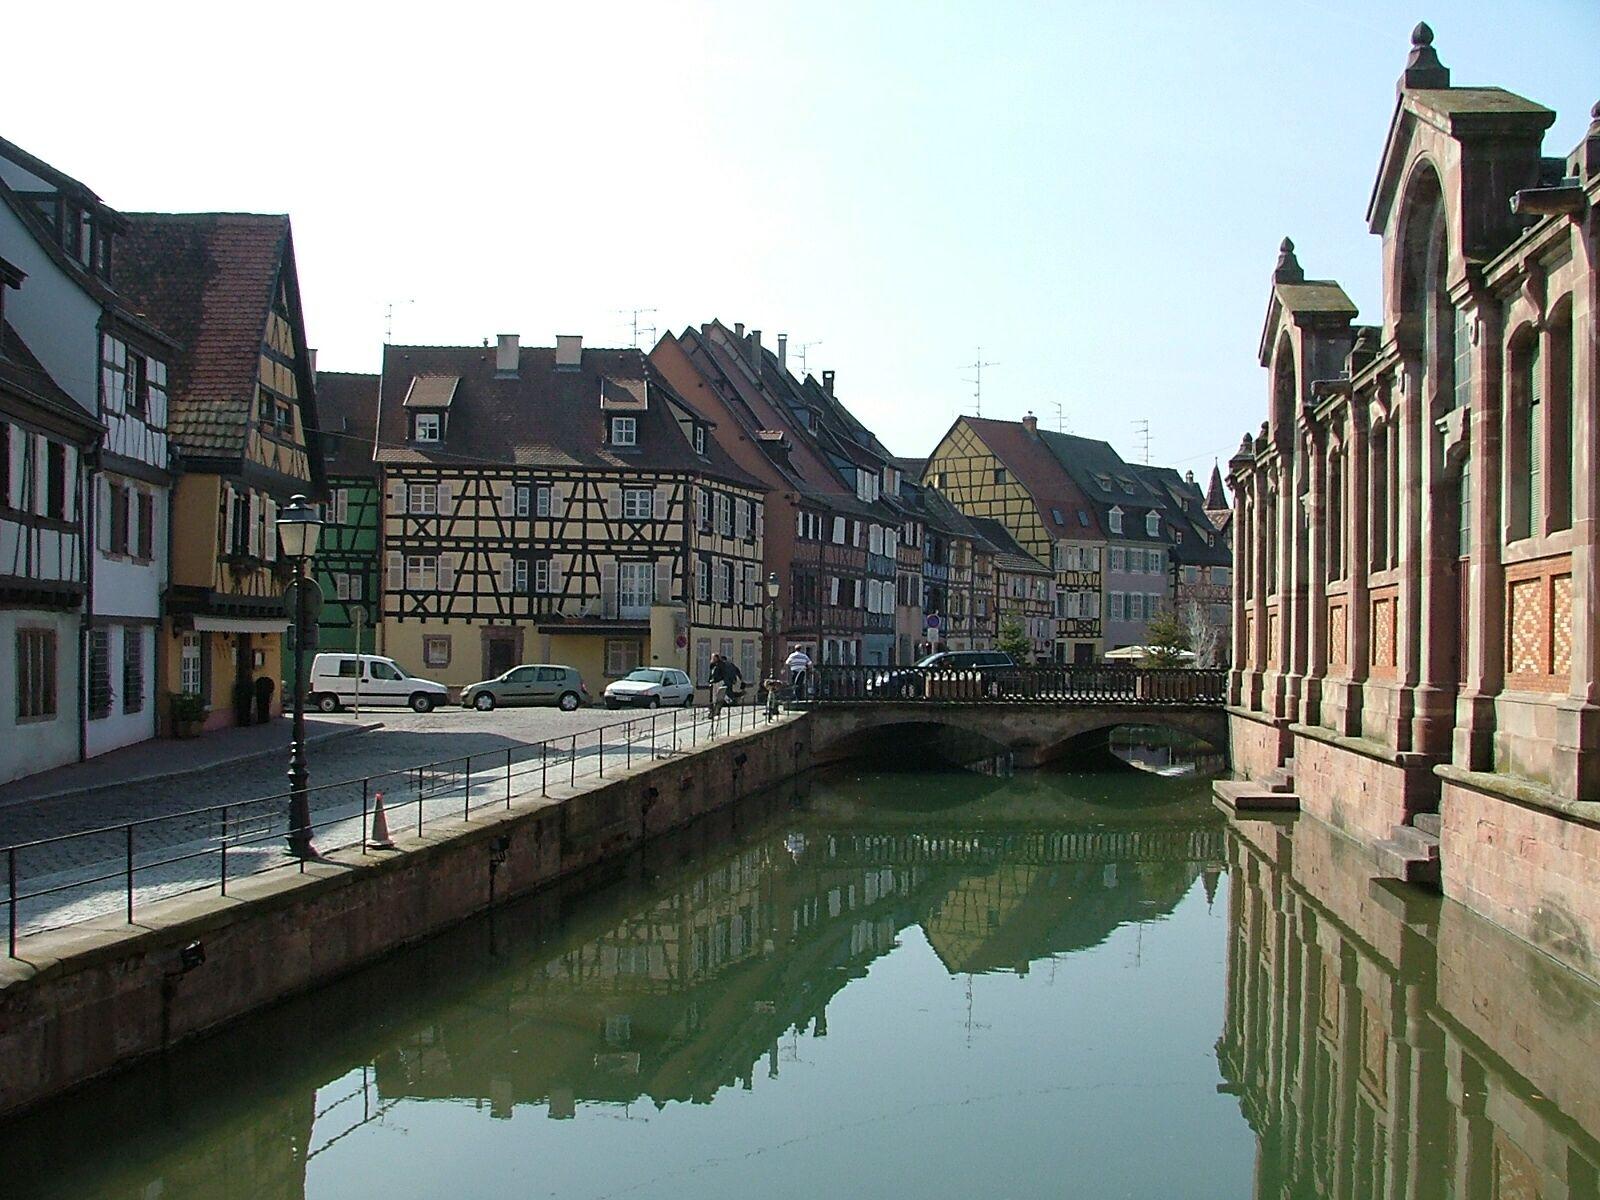 FN's turismeagentur, UNWTO, forudser et fald i verdens internationale turisme på 70 procent i år. UNWTO vurderer, at det vil tage mellem to og fire år før verdens internationale turisme er tilbage på samme niveau som i 2019. Arkivfoto fra franske Alsace: Henrik Baumgarten.